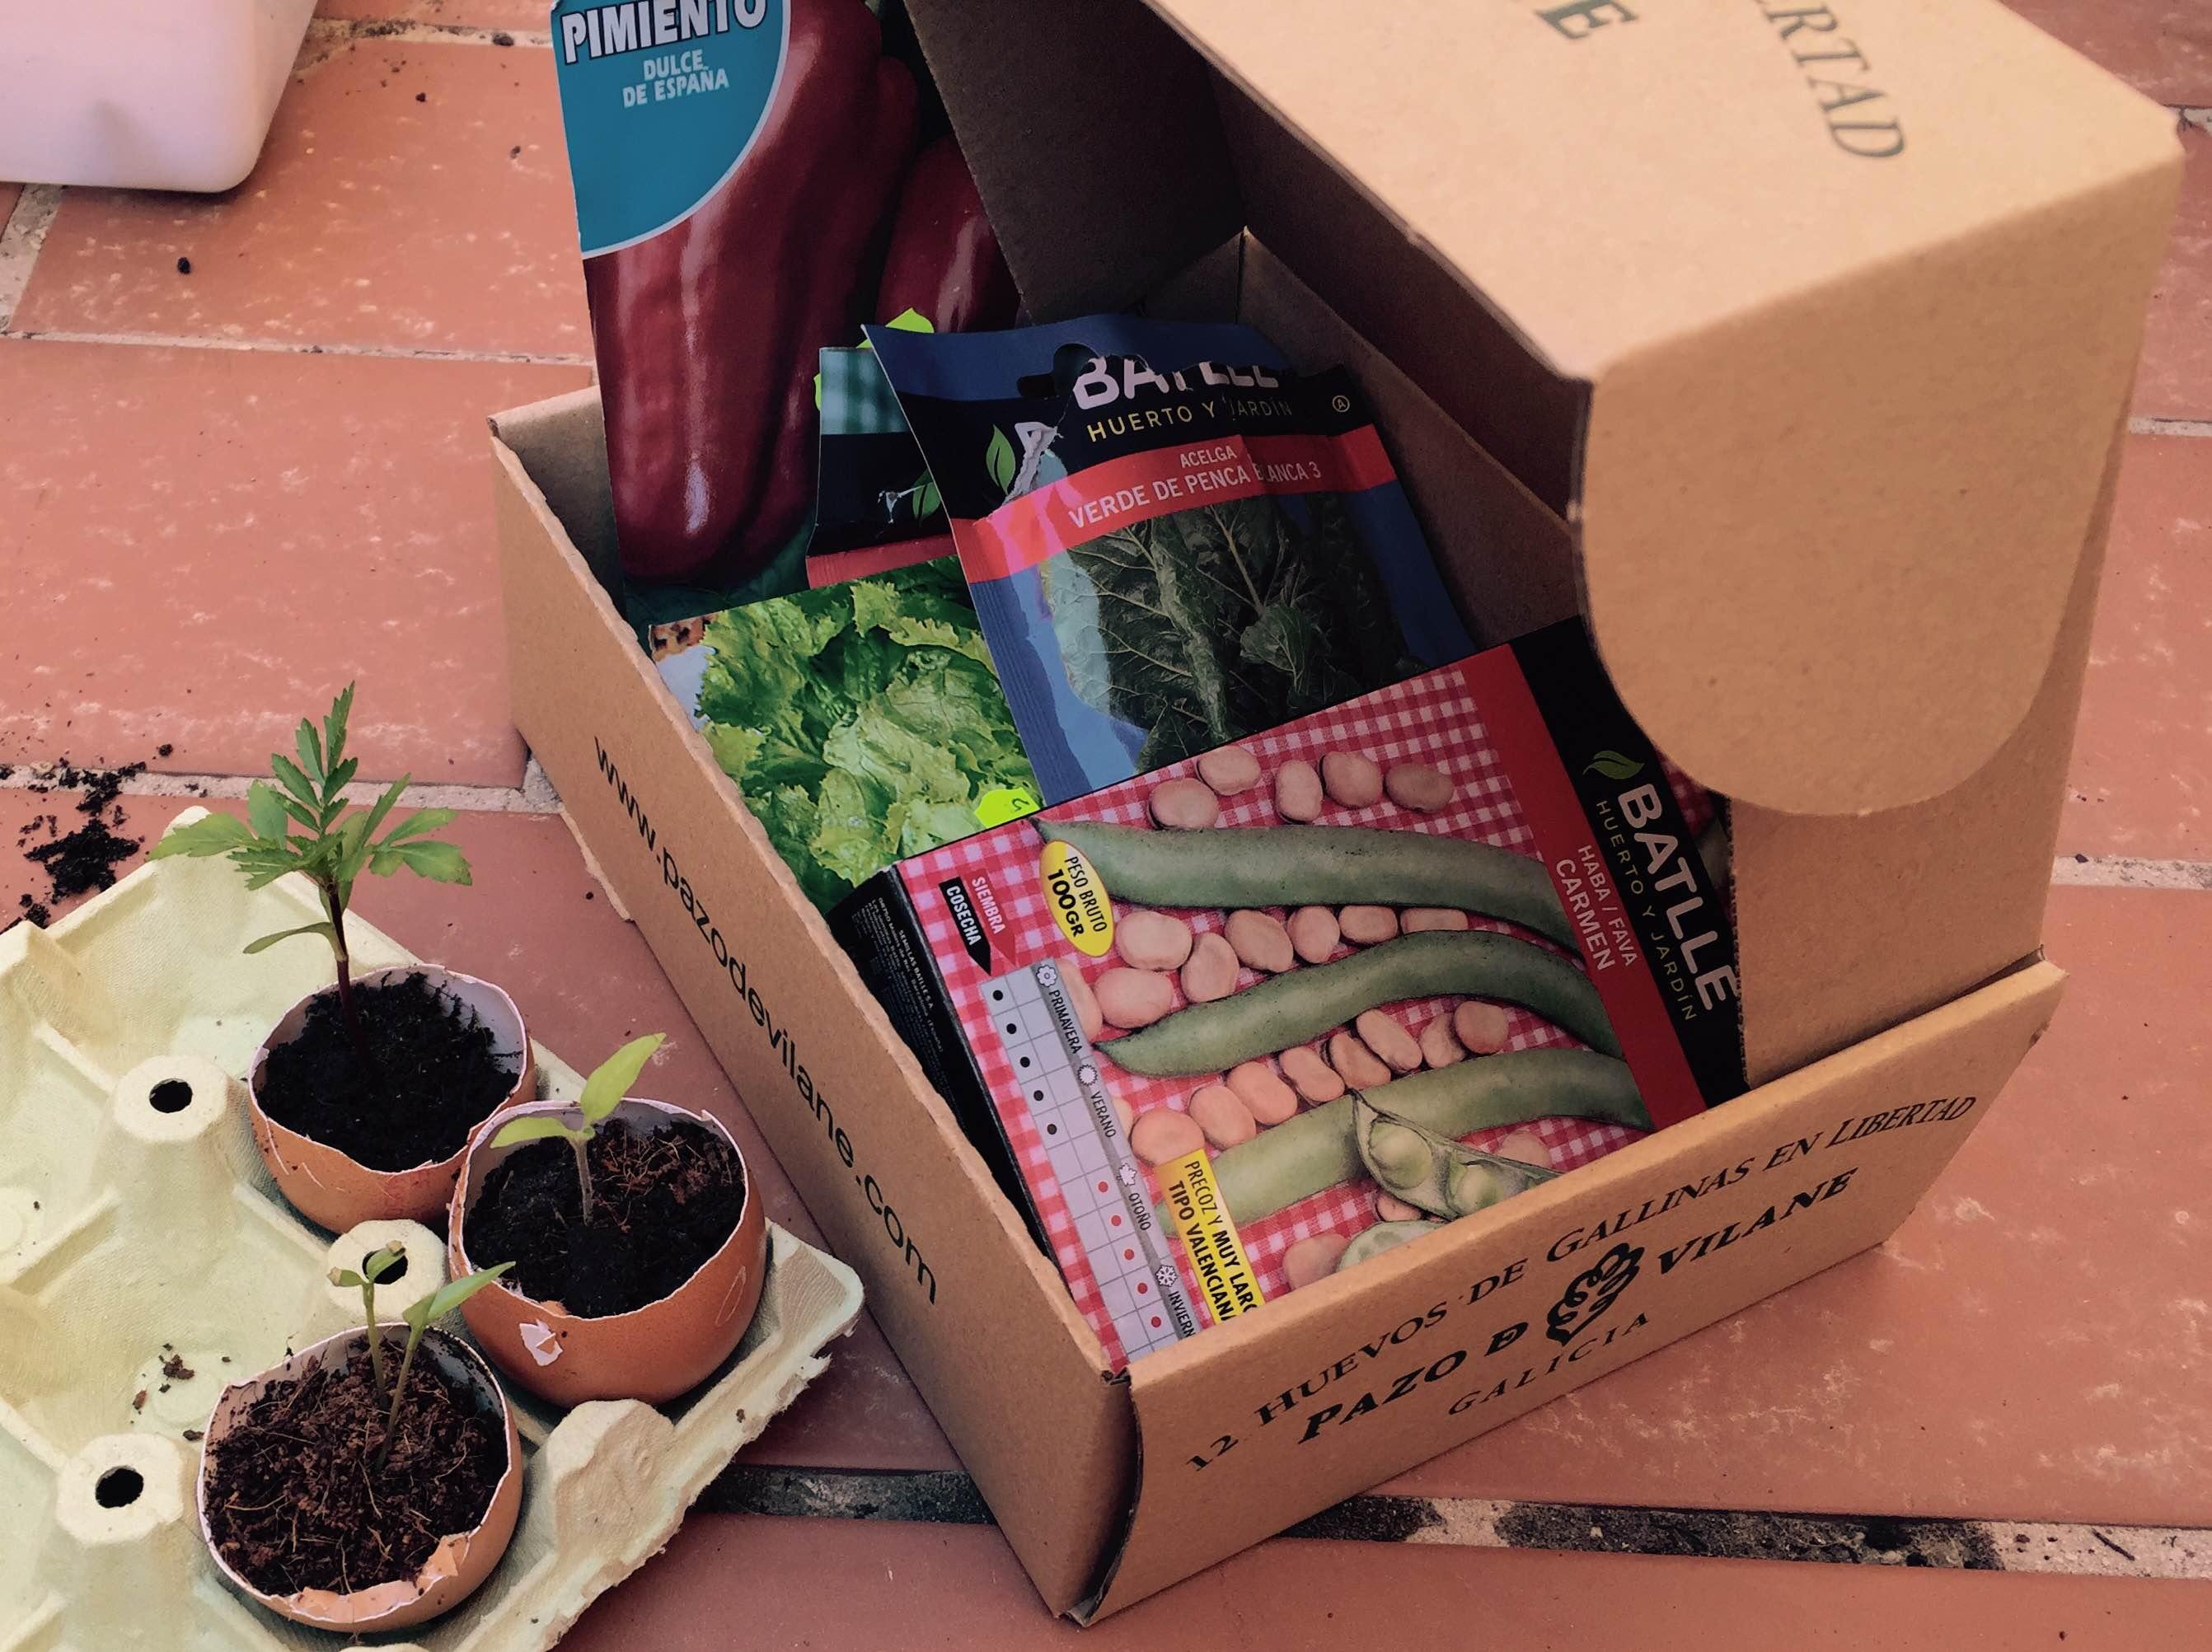 Las cáscaras y las cajas de huevo campero pazo de vilane reutilizadas como semilleros